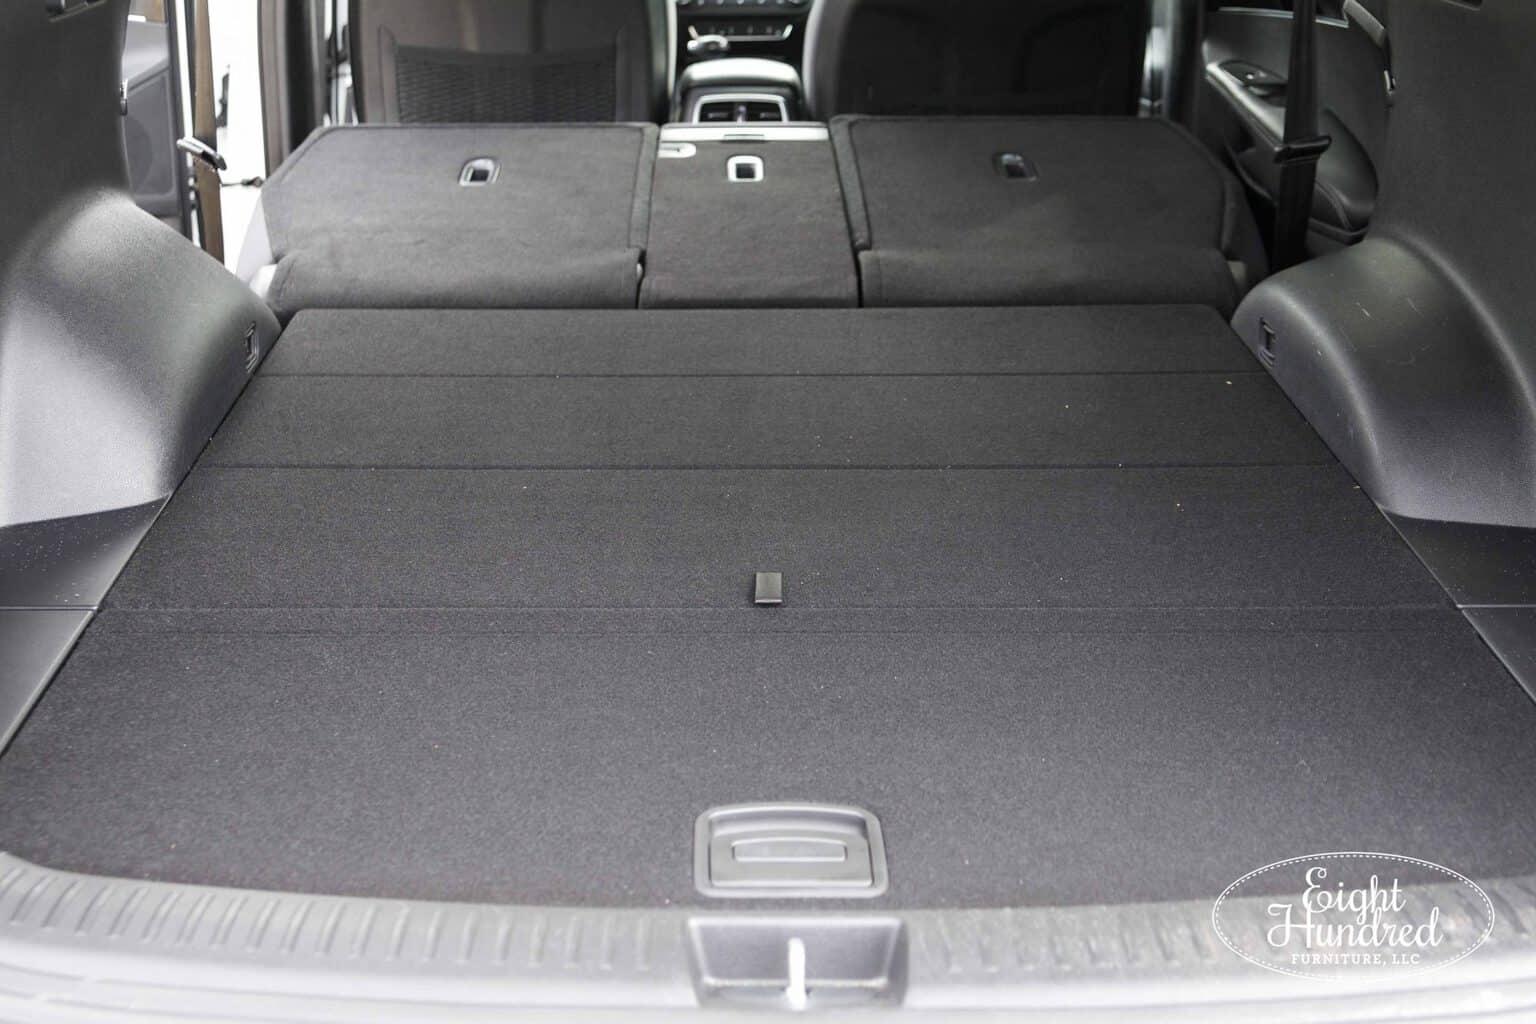 kia sorento, eight hundred furniture, kia, sorento, new car, business car